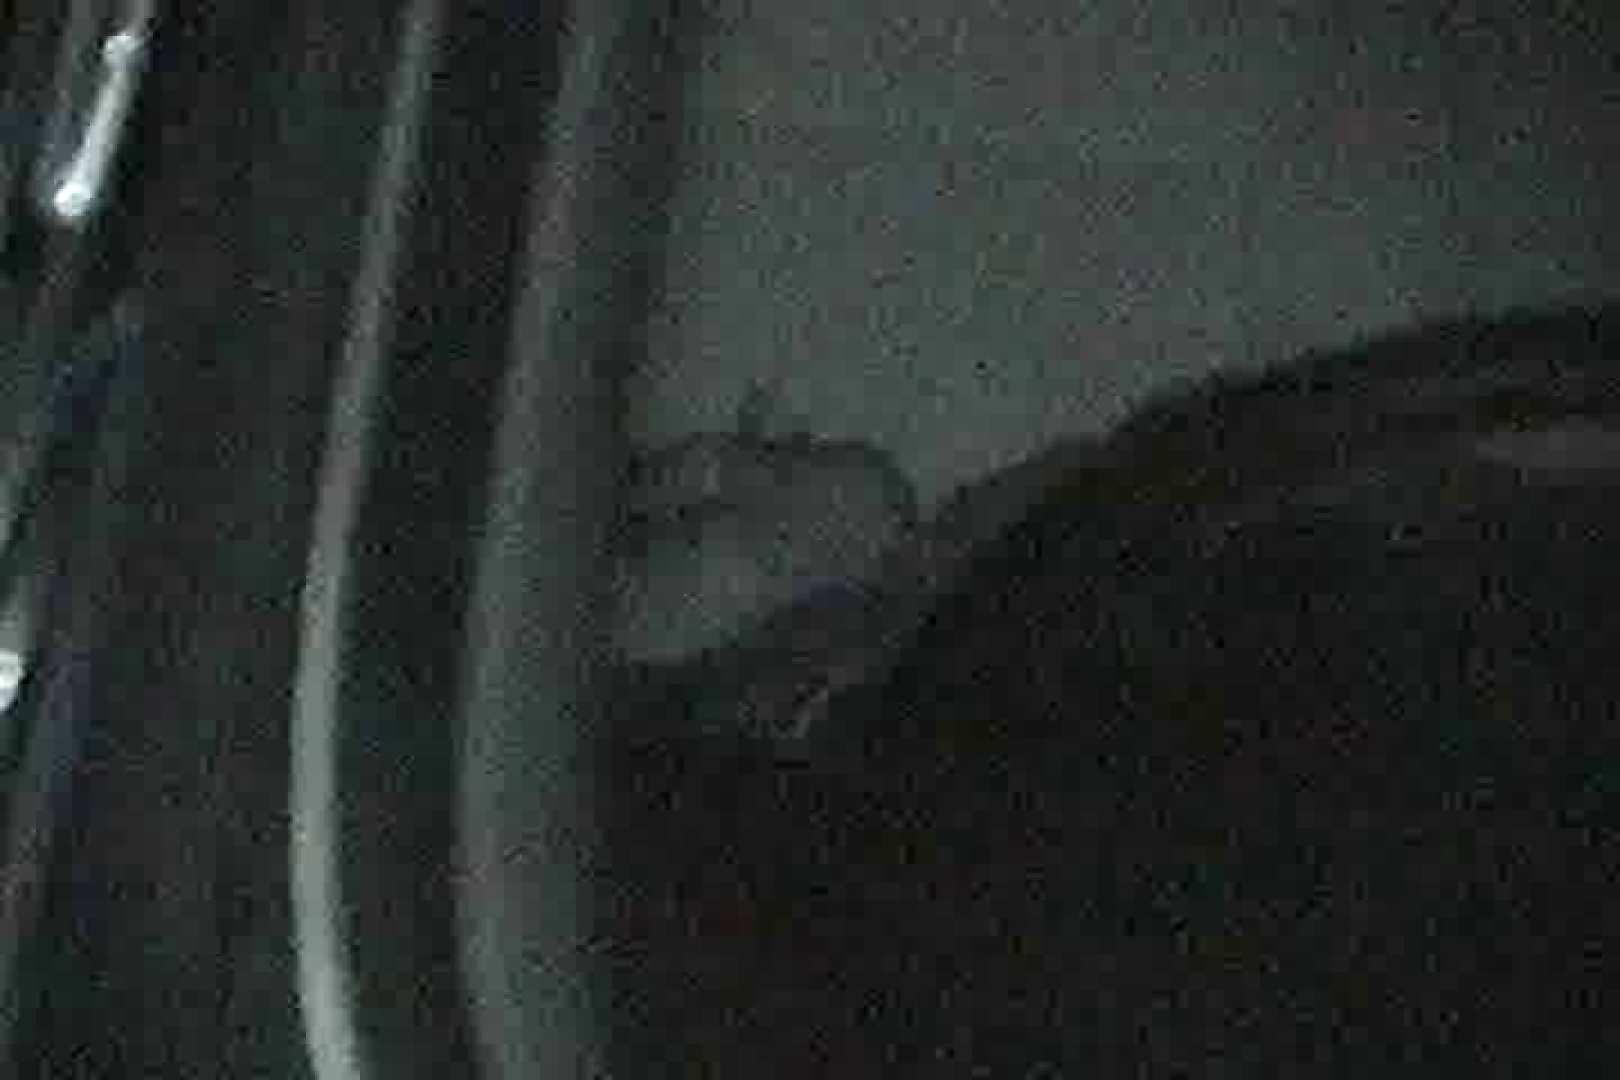 充血監督の深夜の運動会Vol.2 素人 | セックス  61pic 5